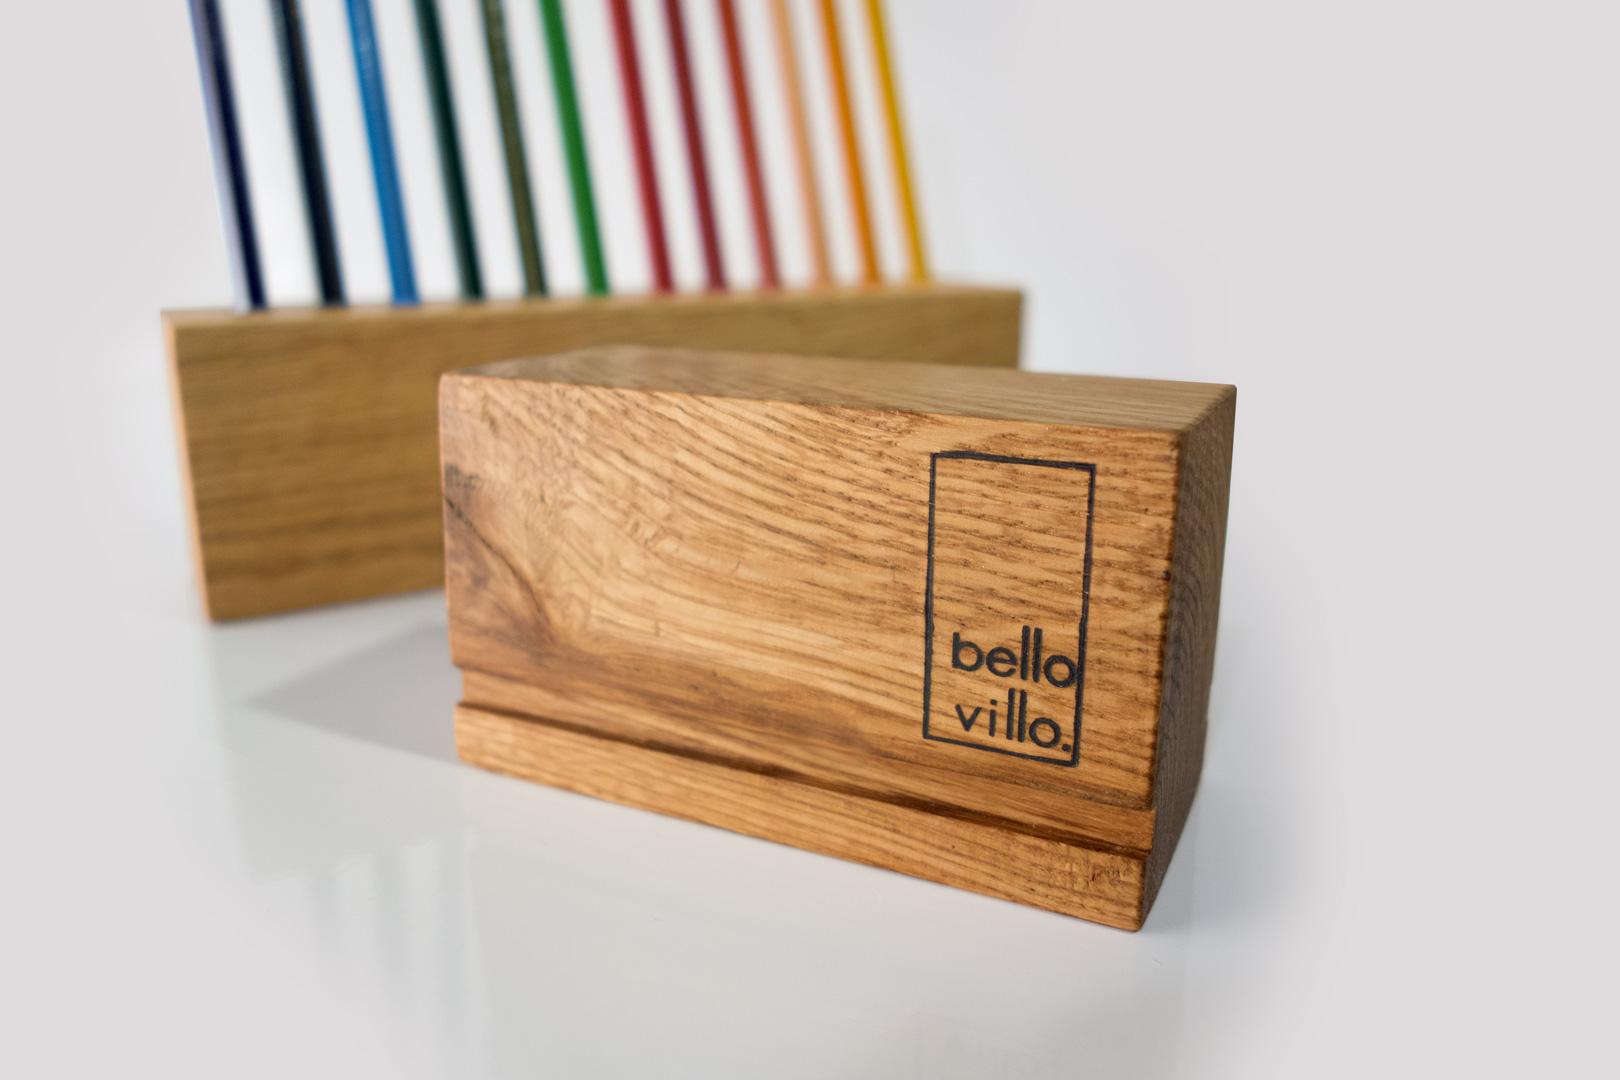 Qualitätsmerkmal der Stiftehalter ist das Brandlogo von bellovillo.de